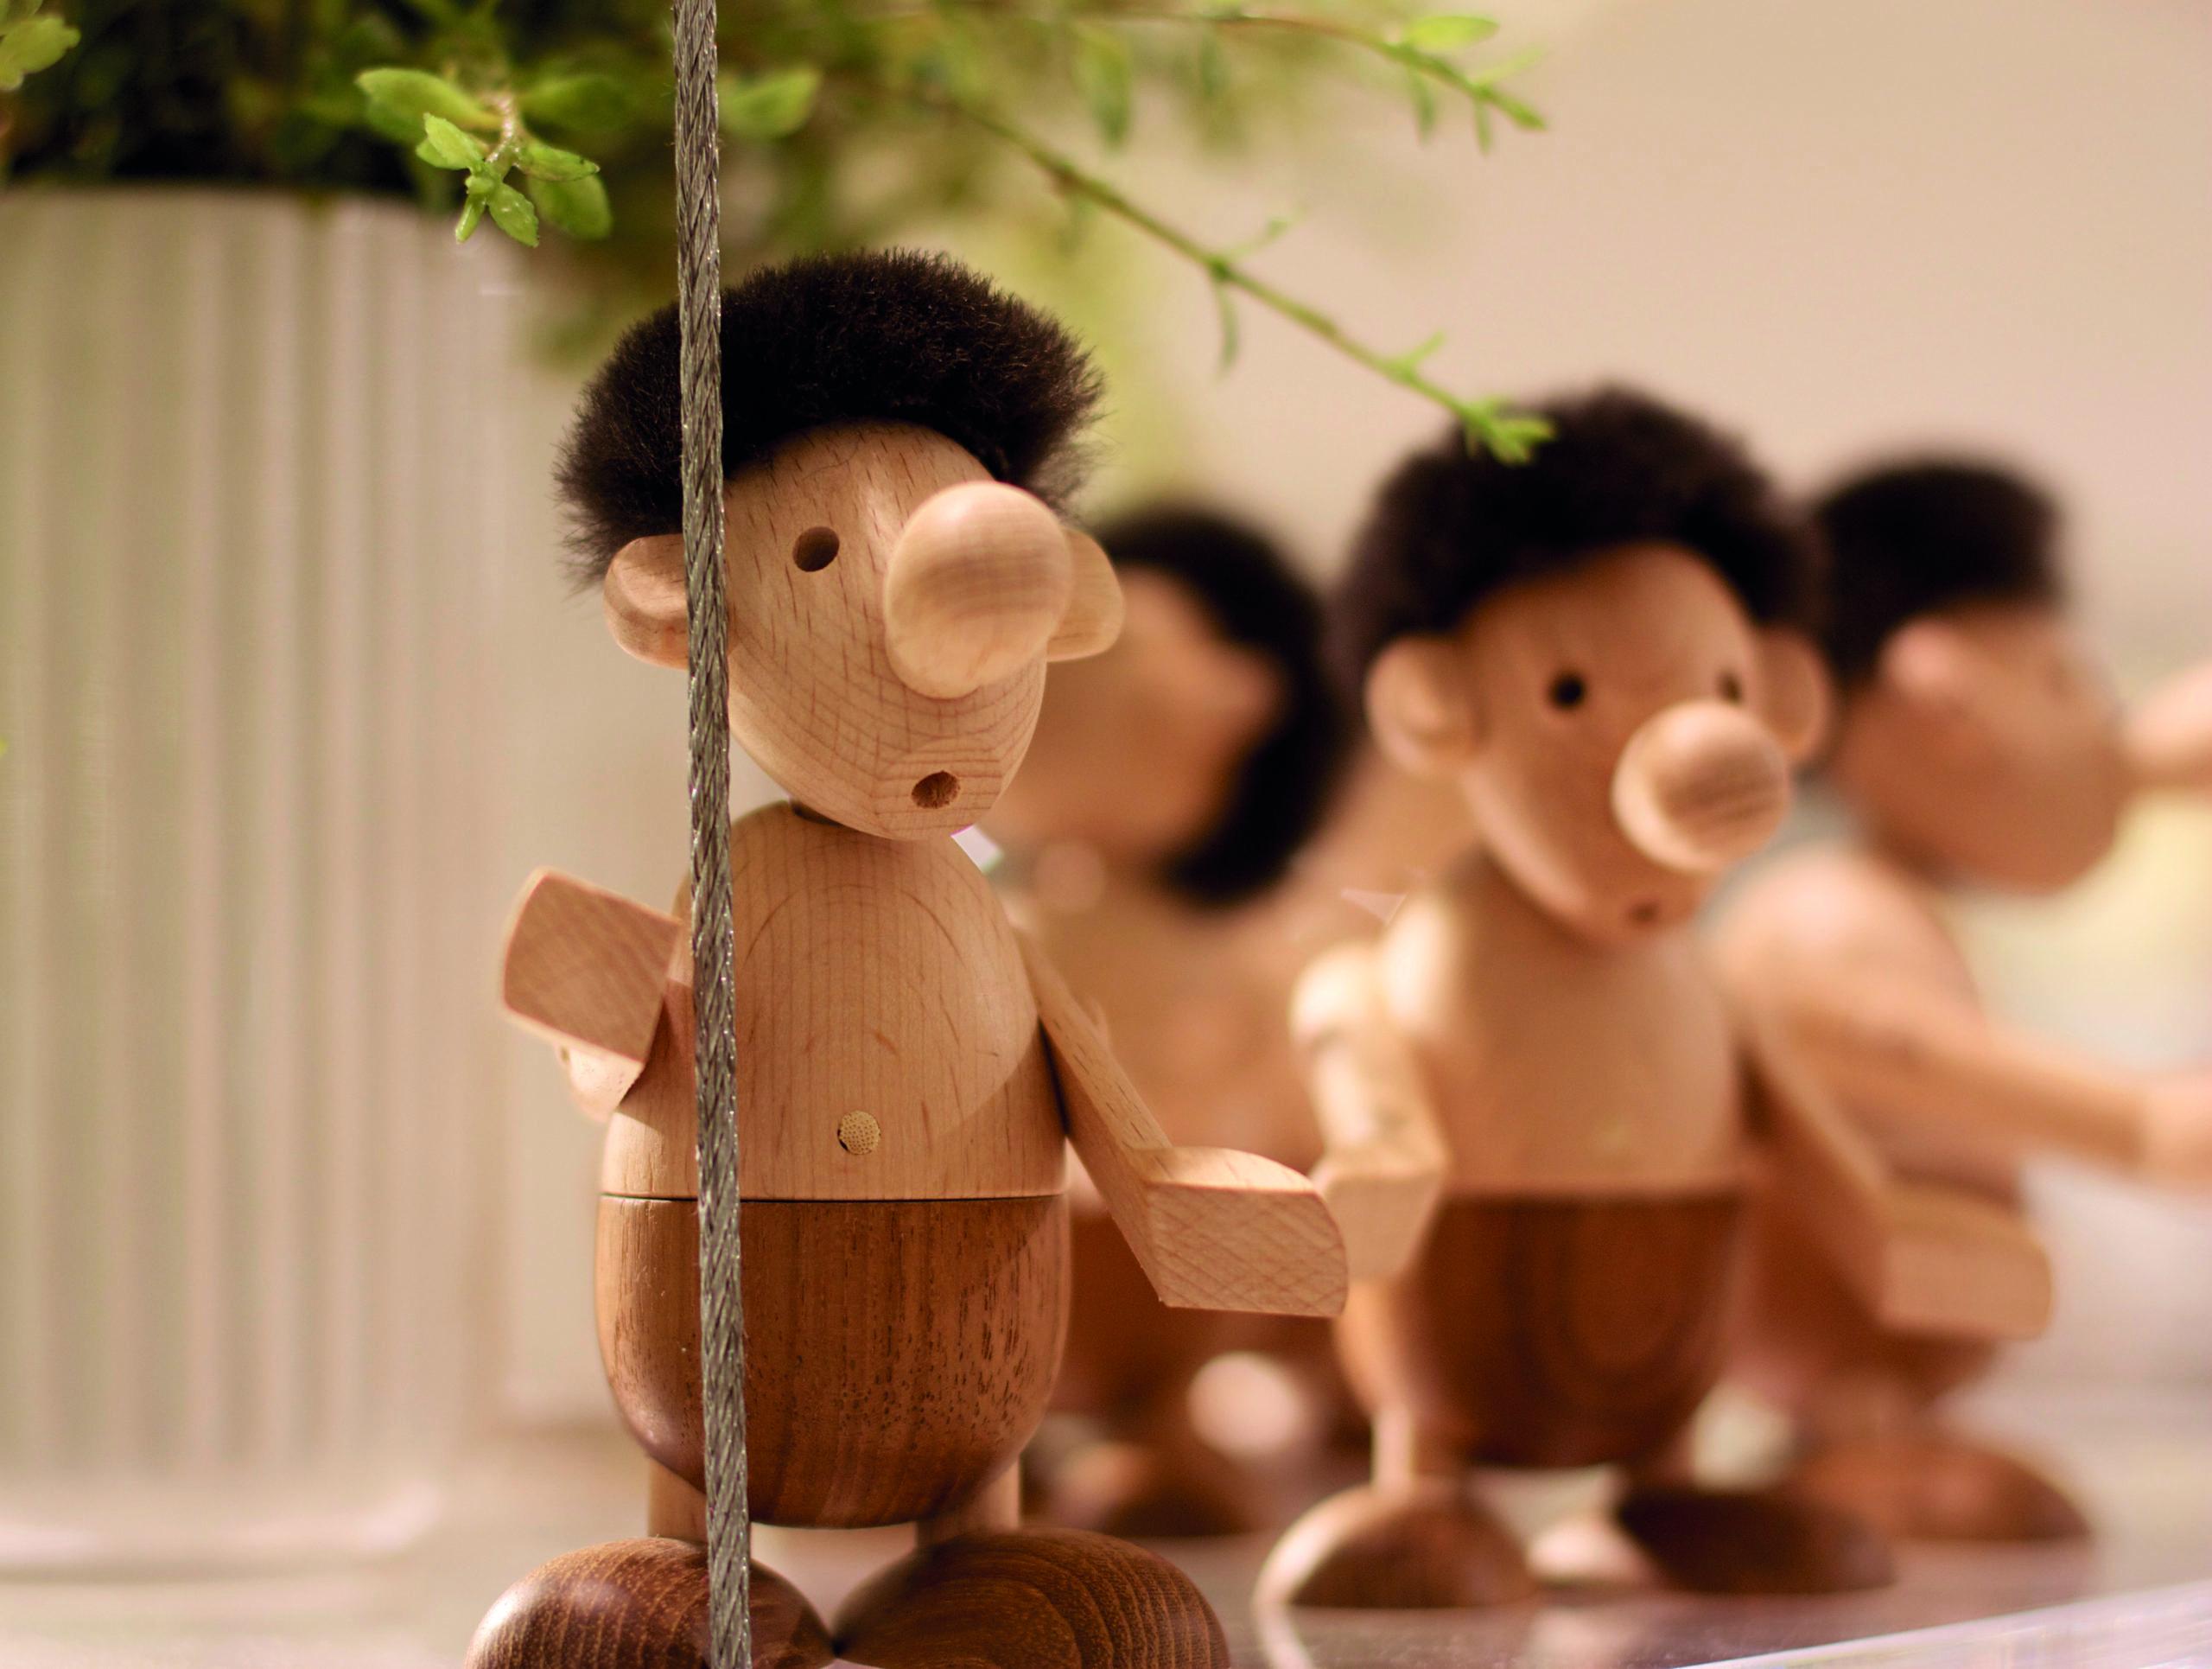 ARCHITECTMADE Strit Beech Wood Character Denmark Hans Bølling